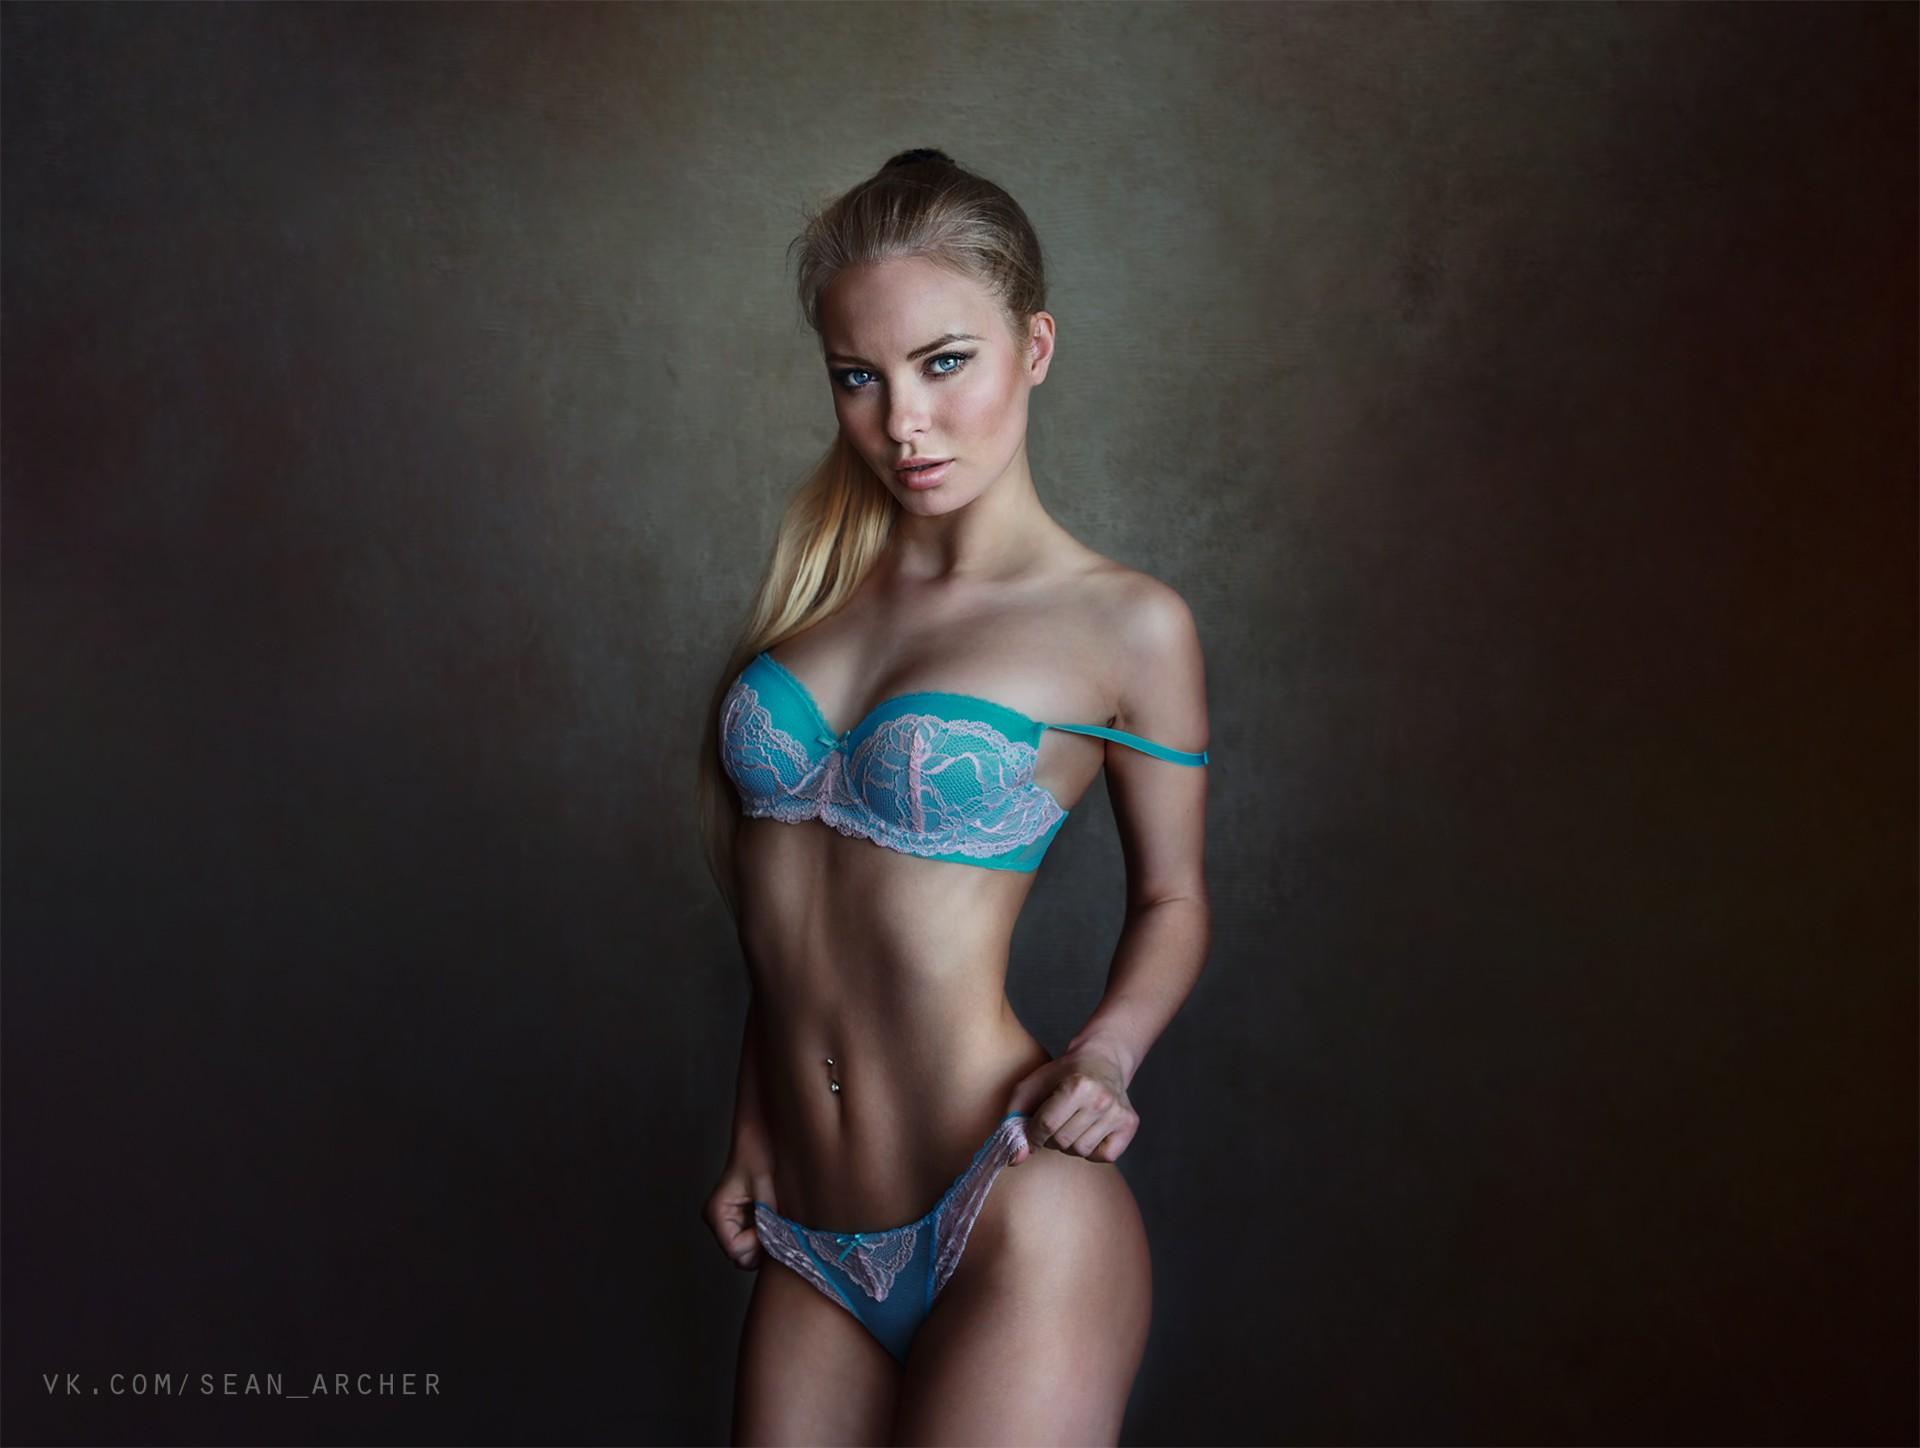 piercing fredrikstad norske jenter nakne